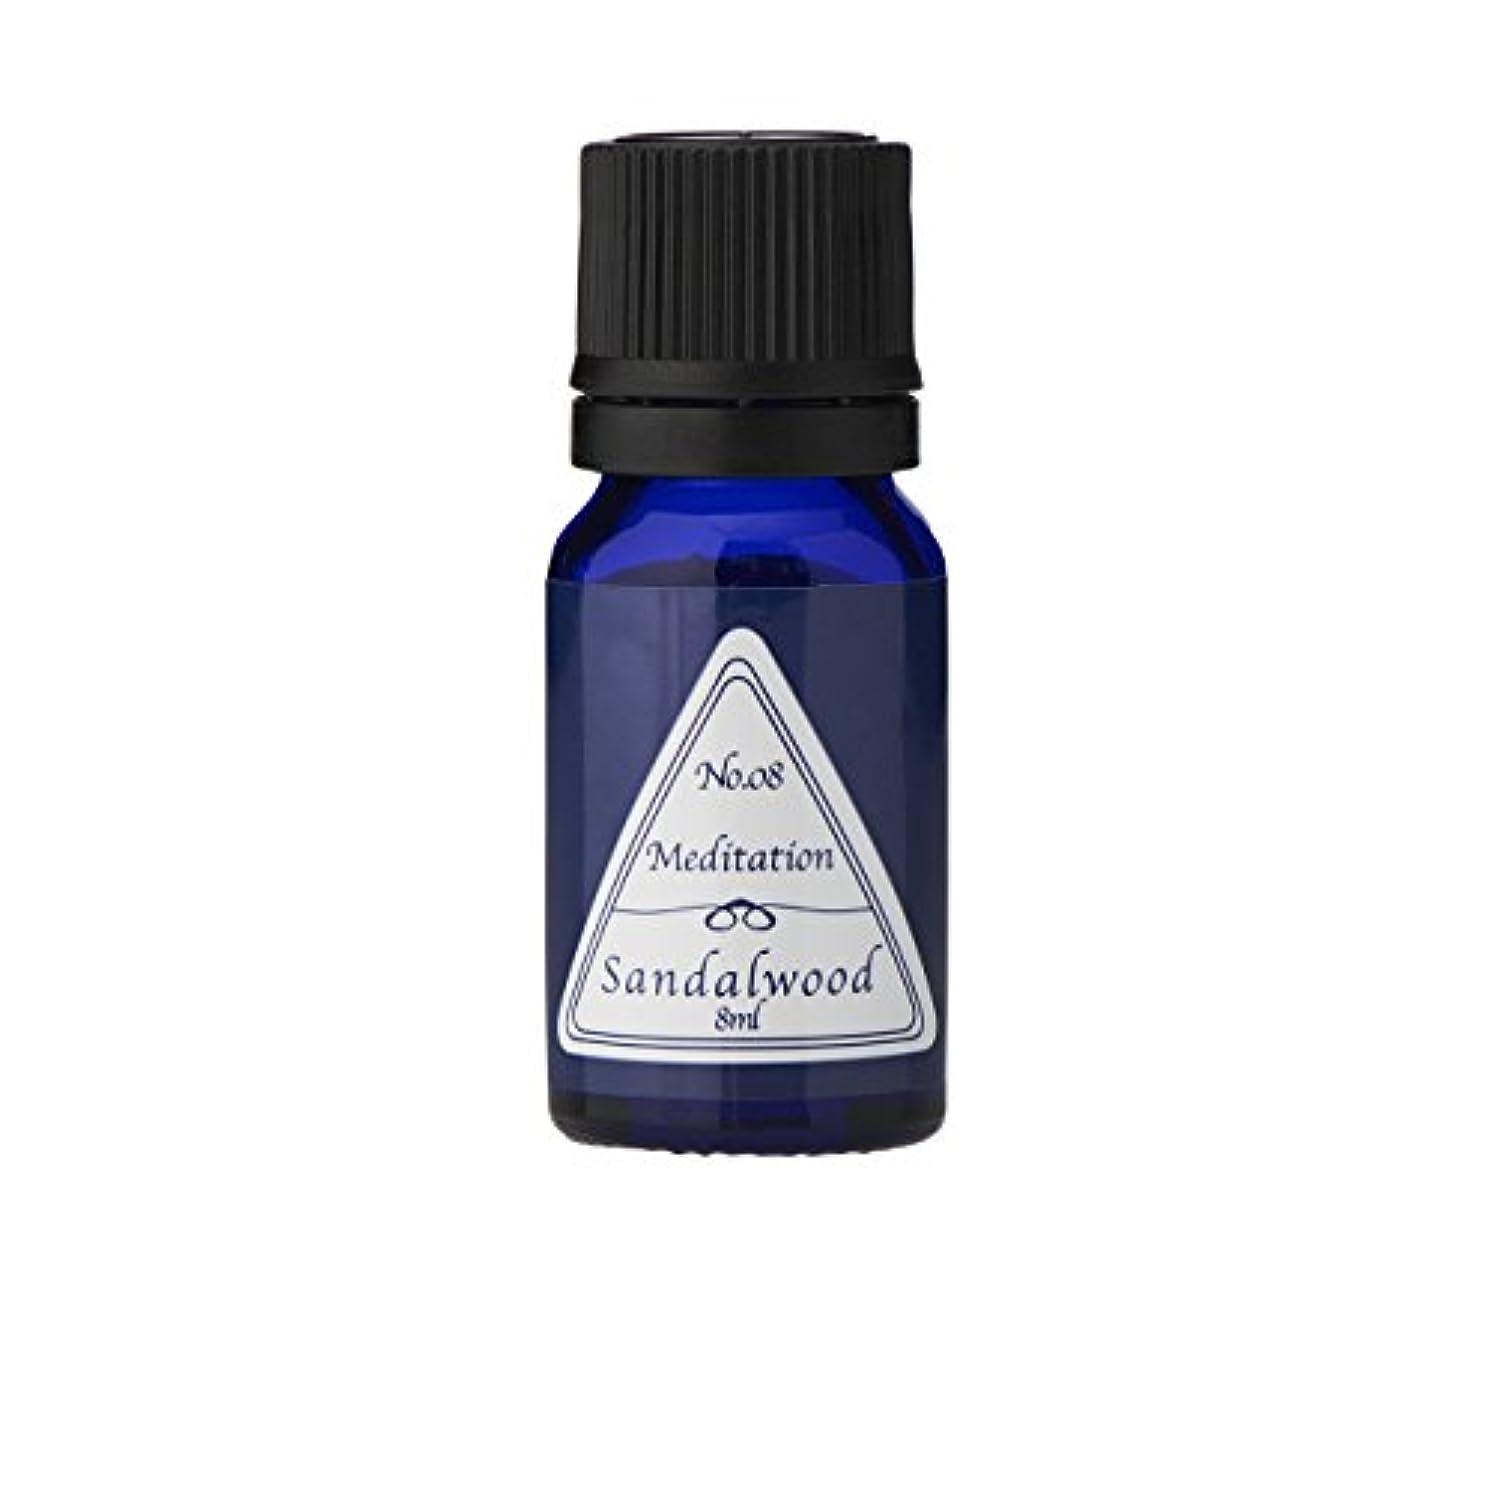 前兆敬好意的ブルーラベル アロマエッセンス8ml サンダルウッド(アロマオイル 調合香料 芳香用)